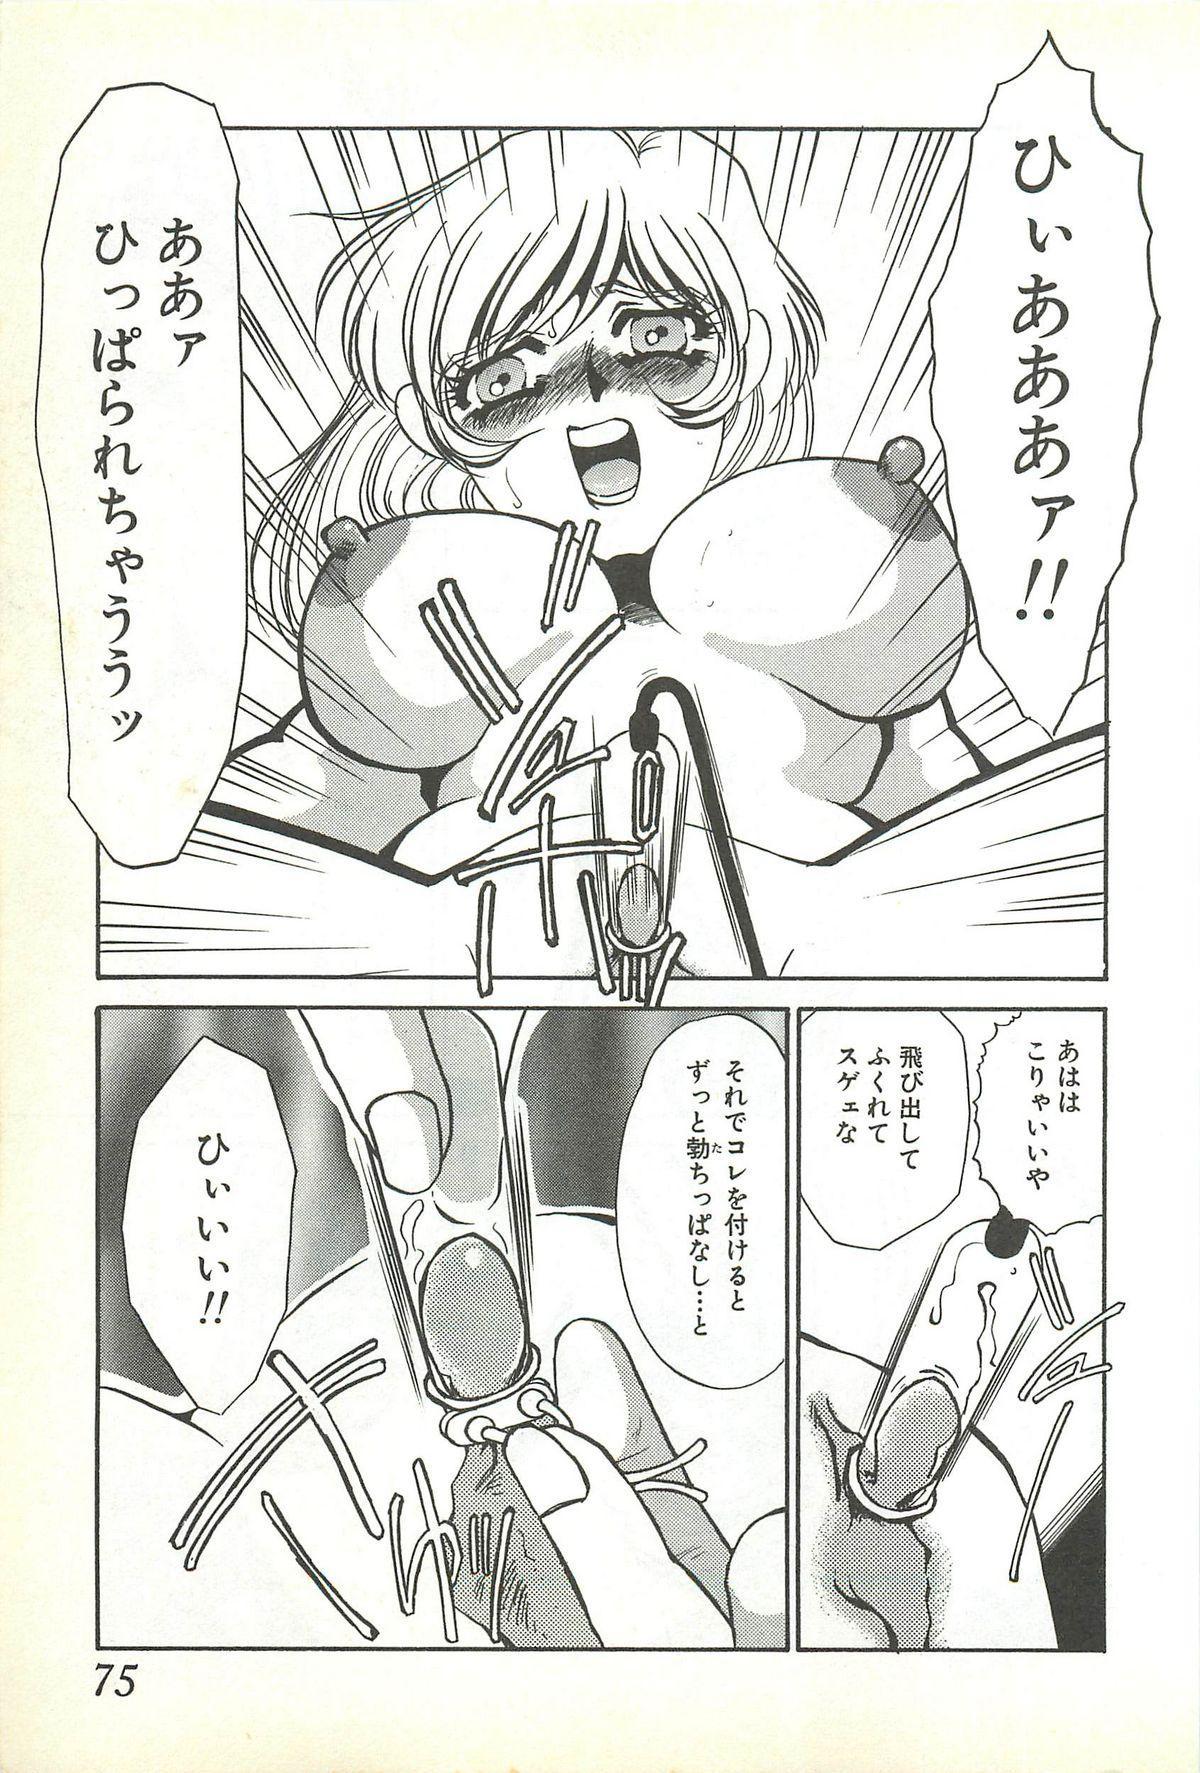 Chigyaku no Heya - A Shameful Punishment Room 71